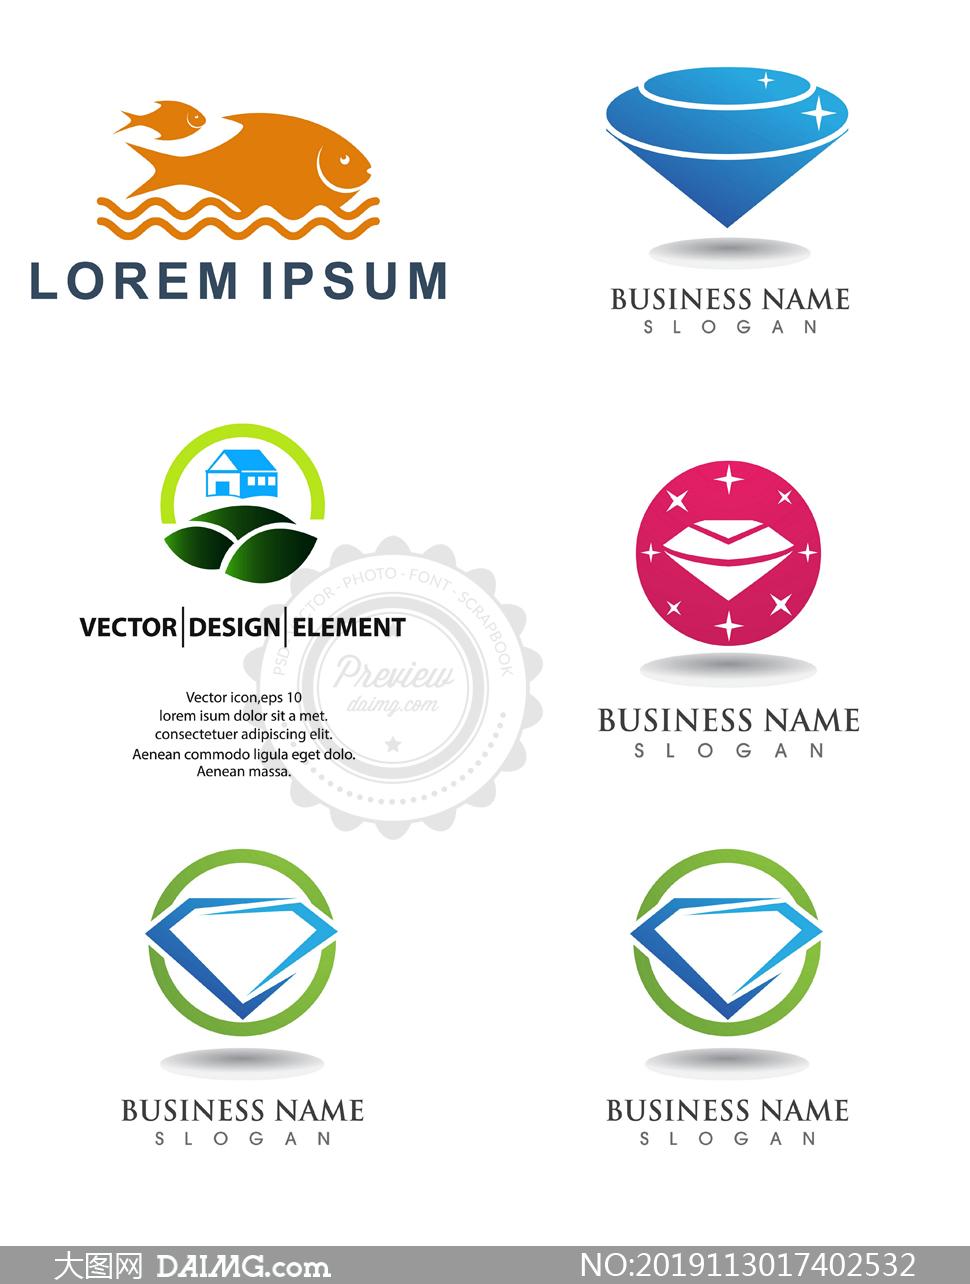 钻石与游鱼等图案标志设计矢量素材